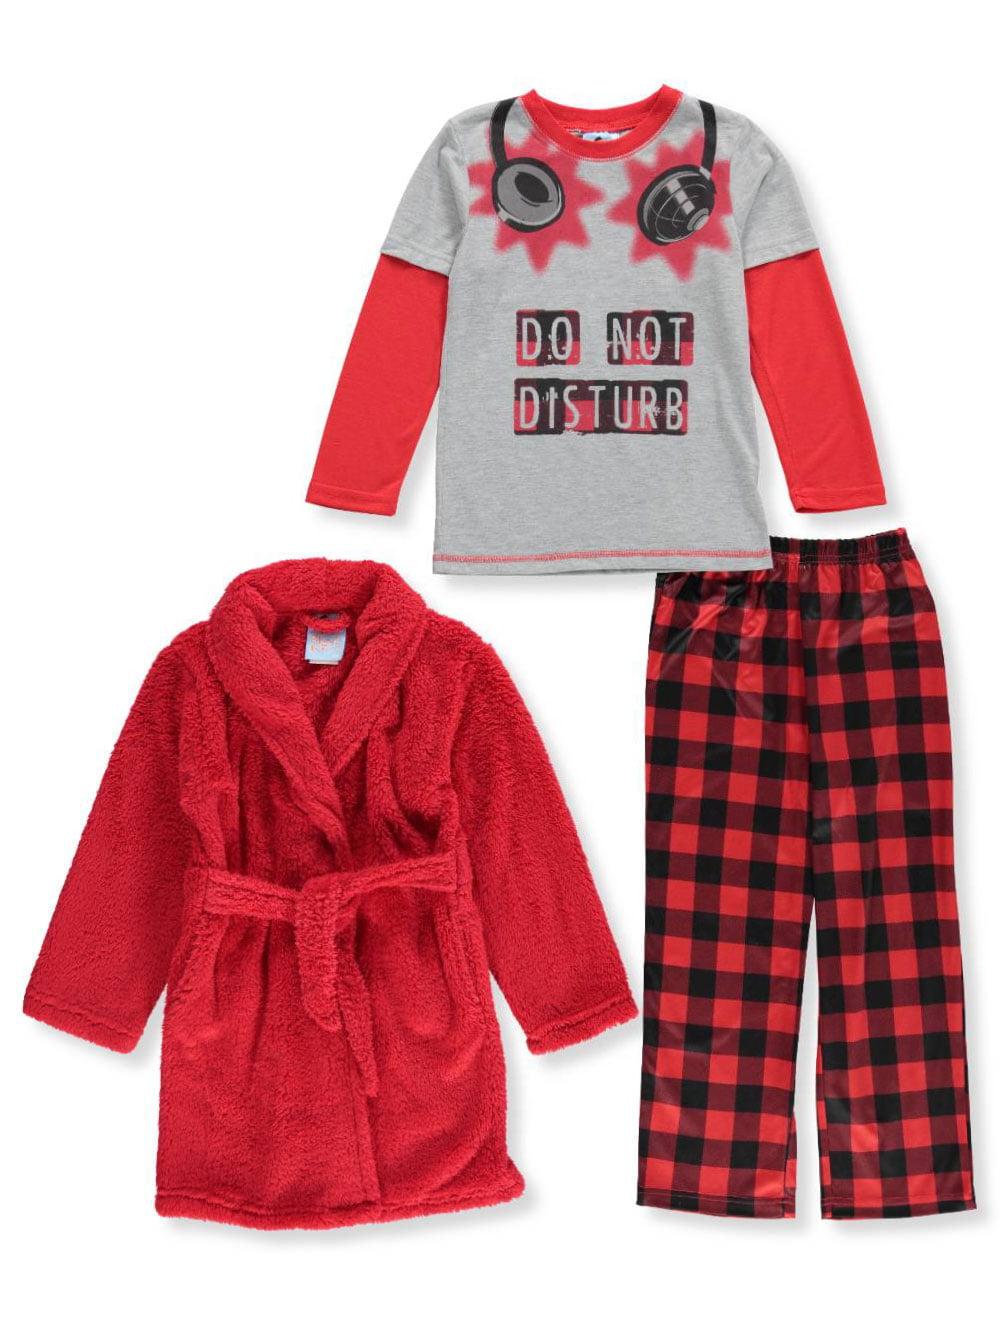 Bunz Kidz Boys' 2-Piece Pajamas with Robe